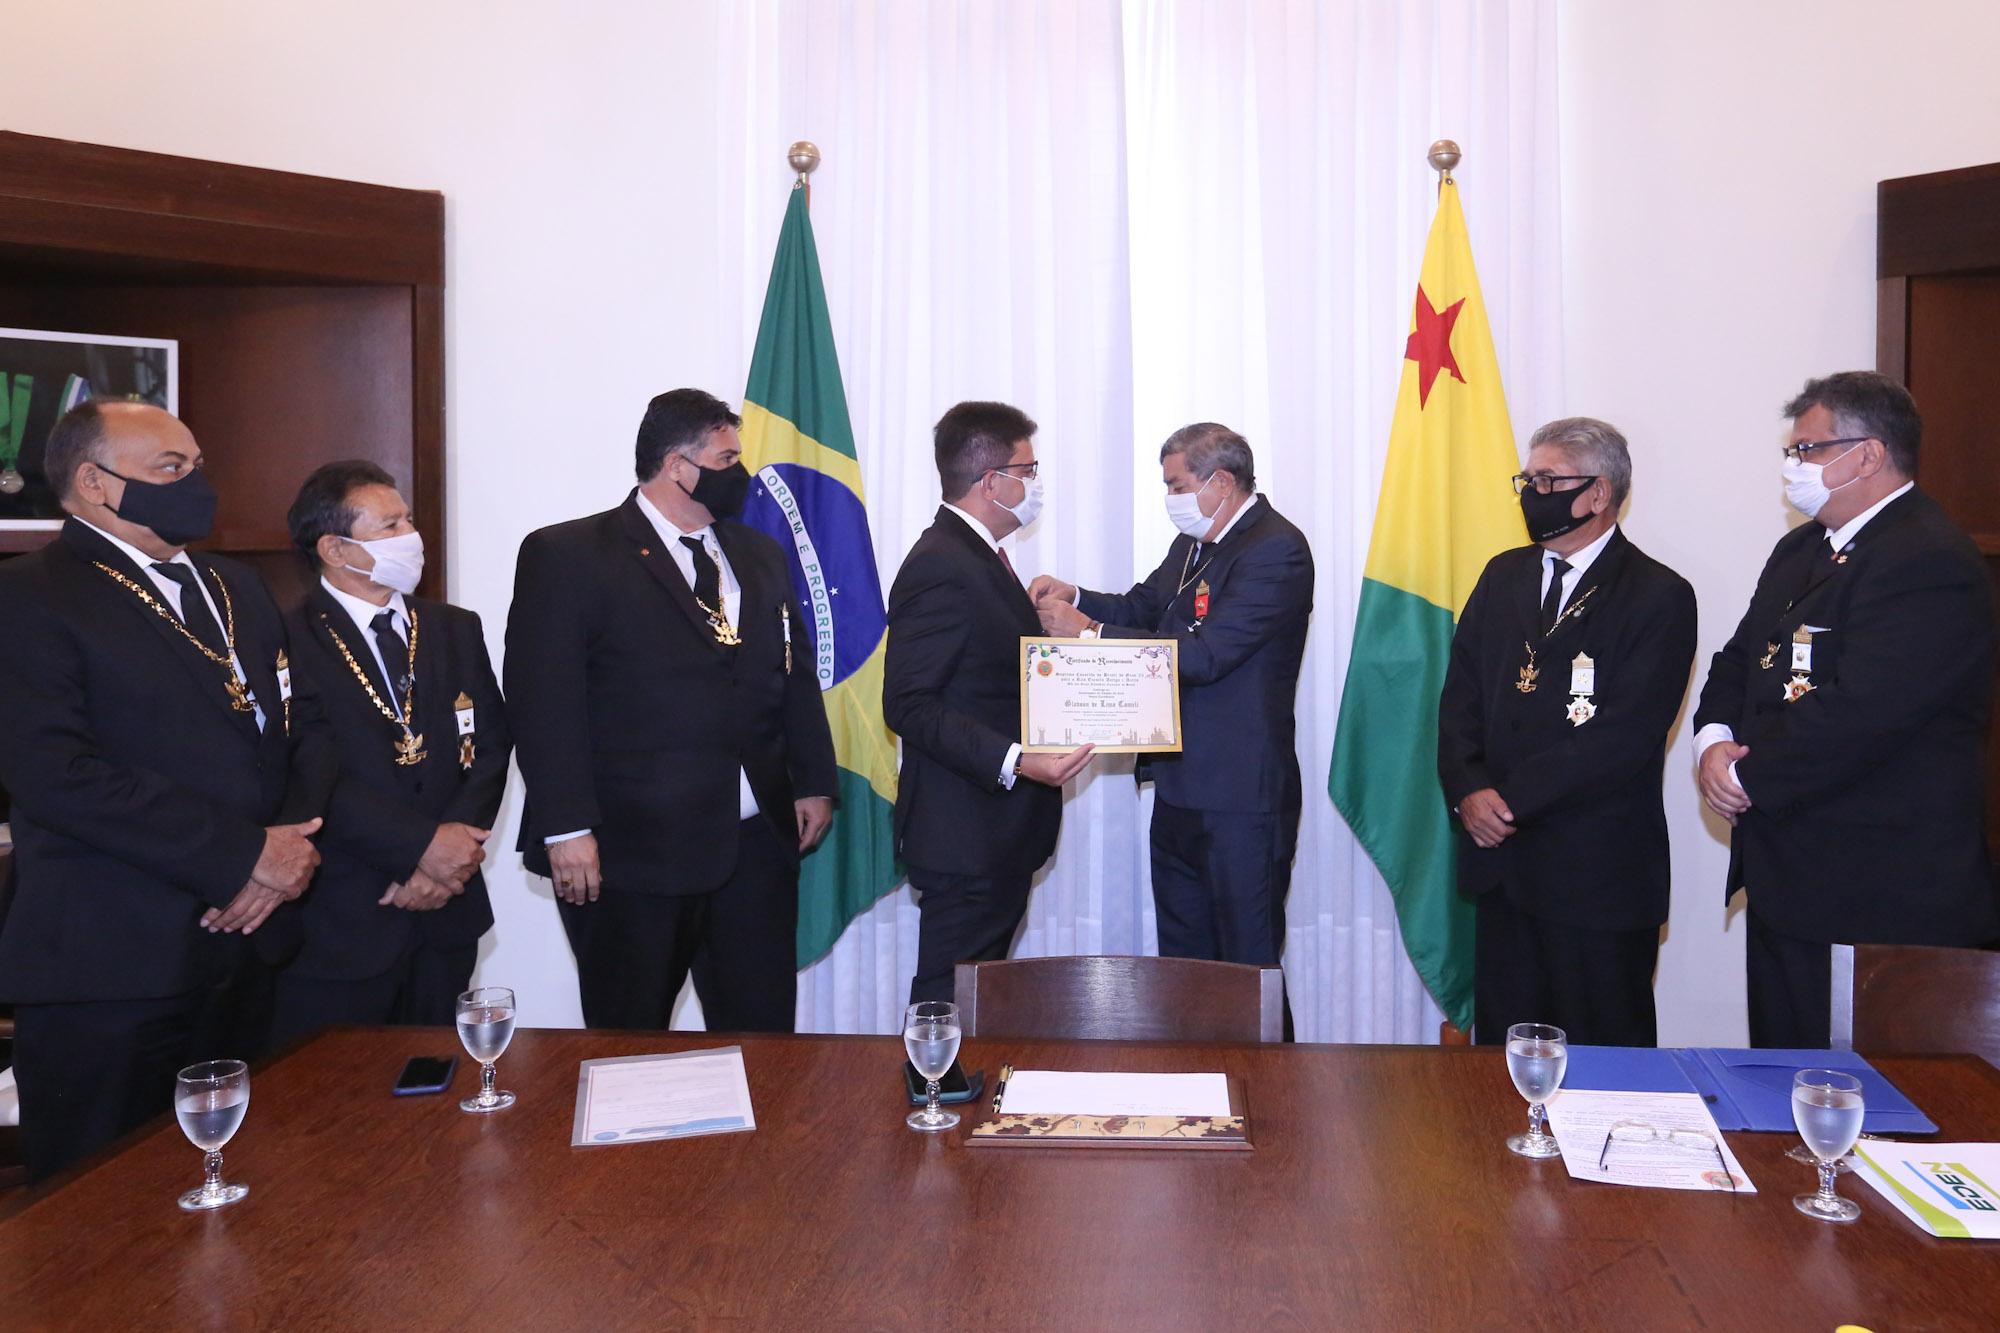 Gladson Cameli é homenageado pela Potência Maçônica Grande Oriente do Brasil